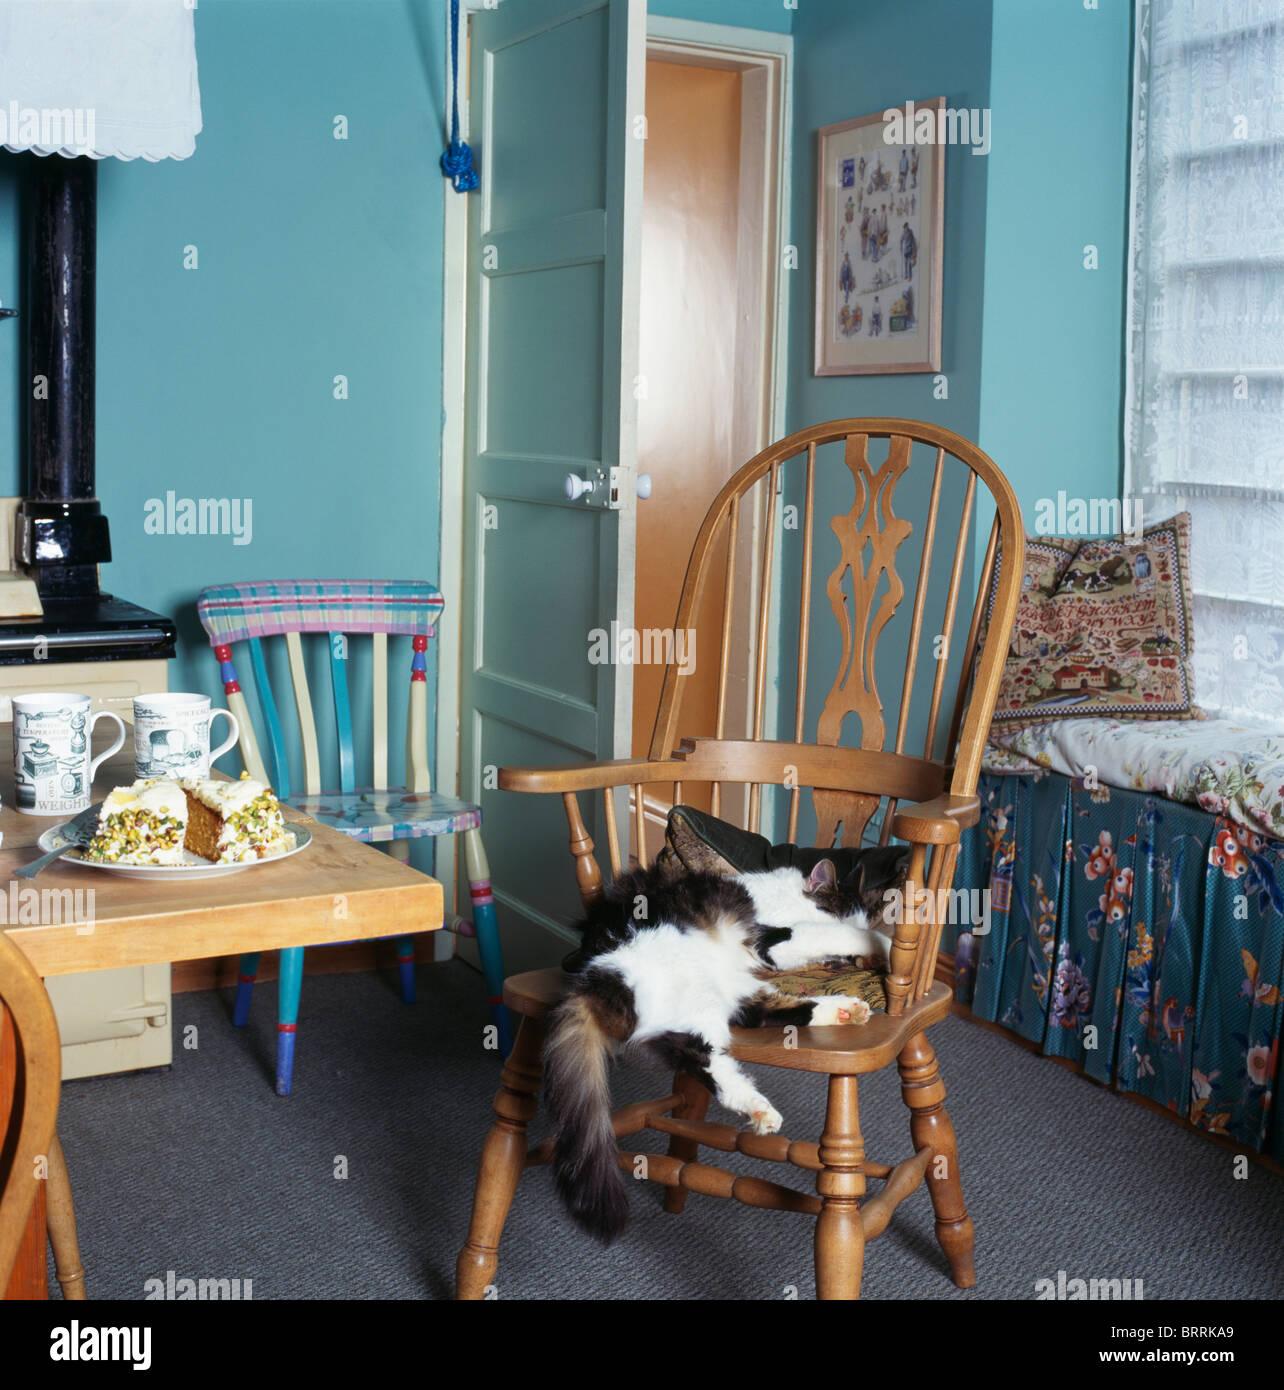 Schwarz + weiße Katze liegend auf Windsor Stuhl in kleine ...